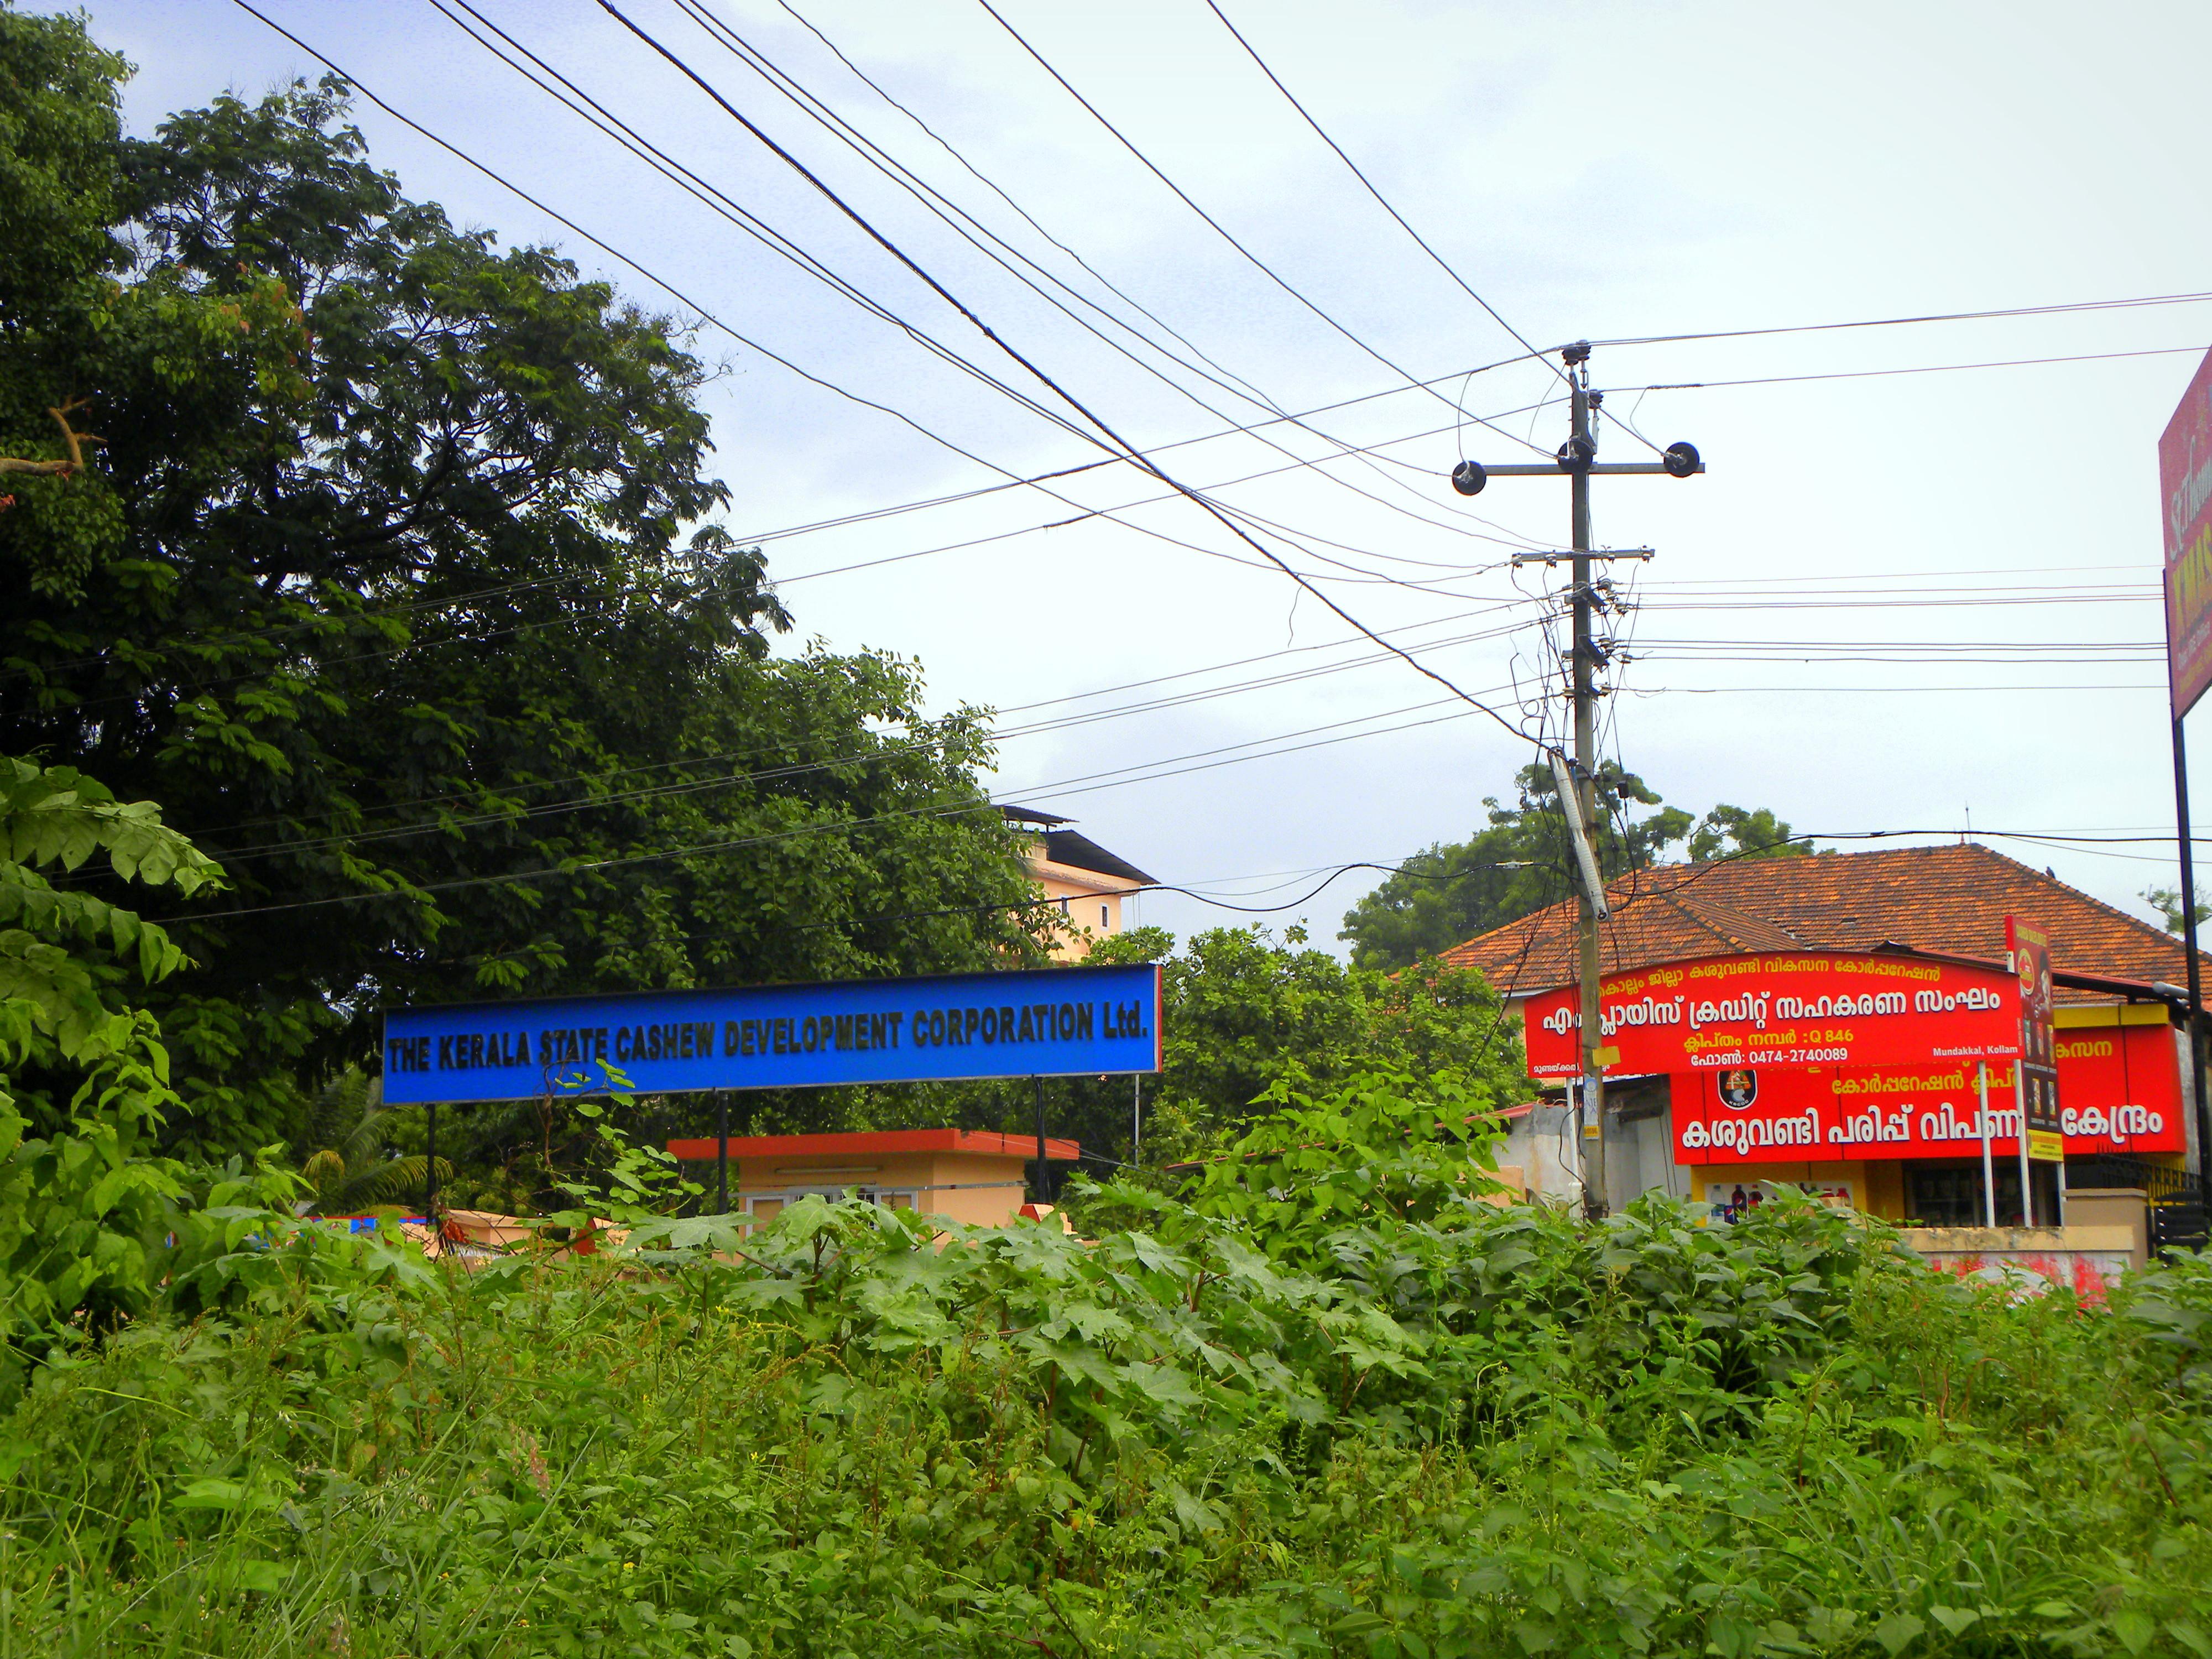 Kerala State Cashew Development Corporation Limited Wikiwand